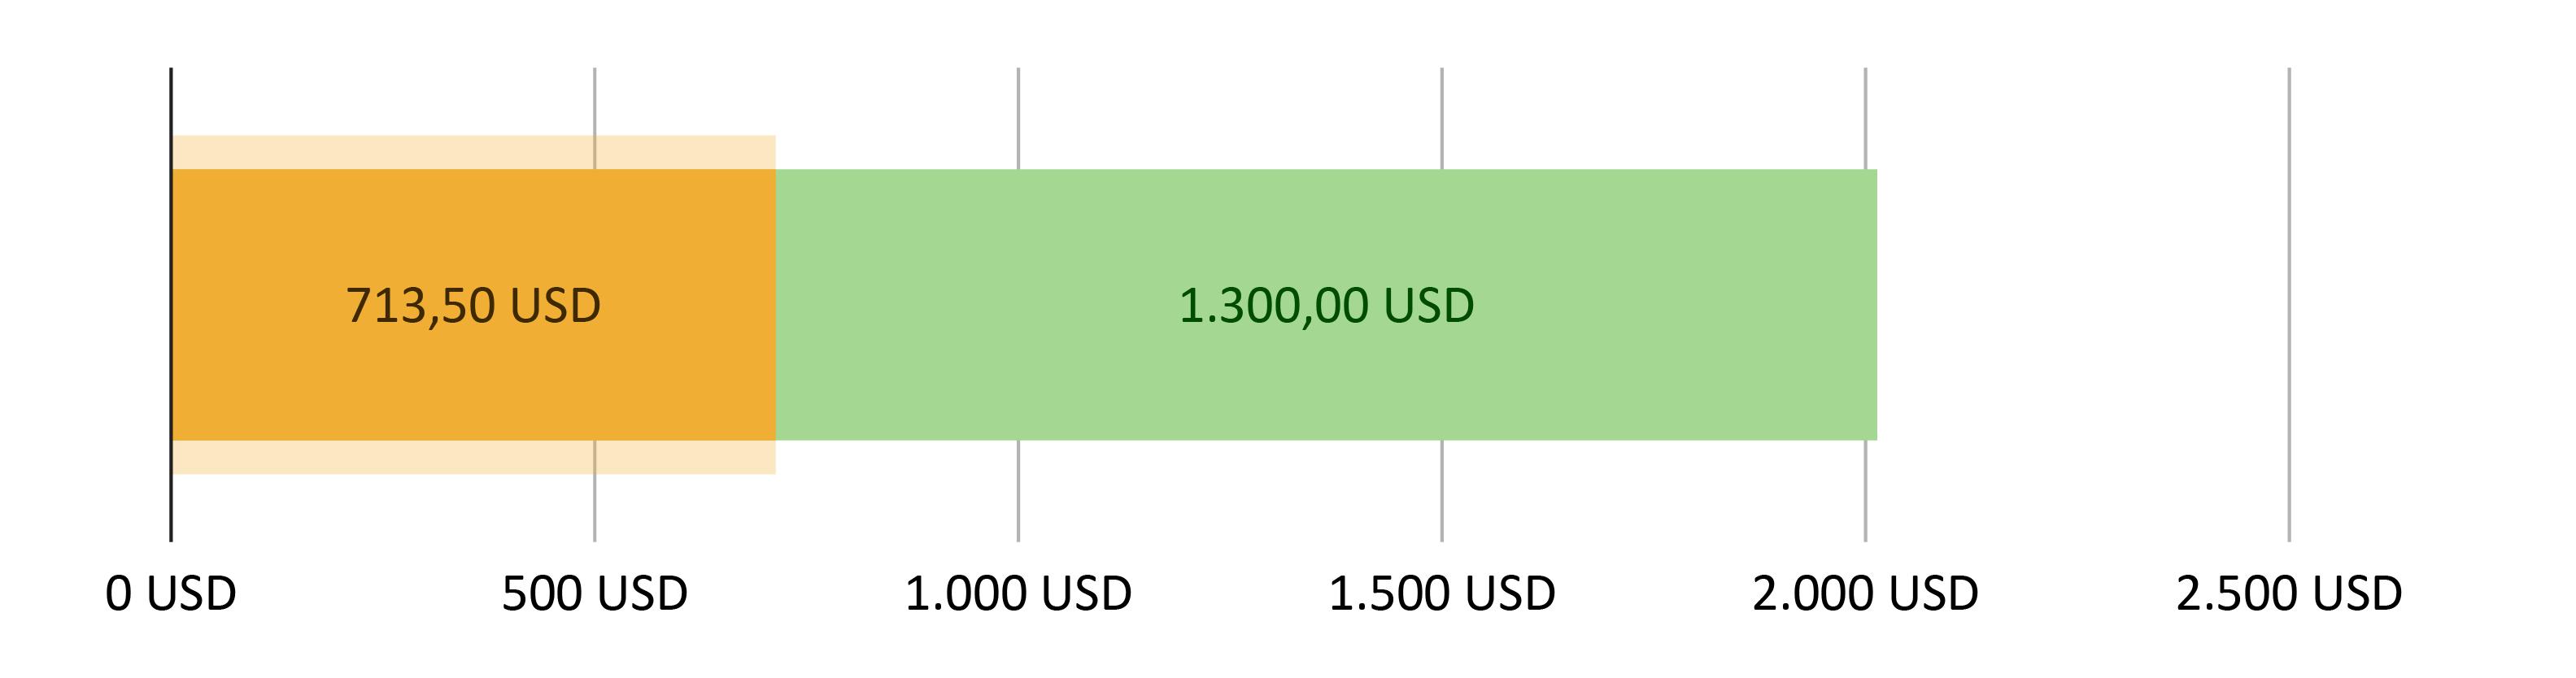 Elköltött összeg 713.50 USD; fennmaradó összeg 1,300.00 USD.